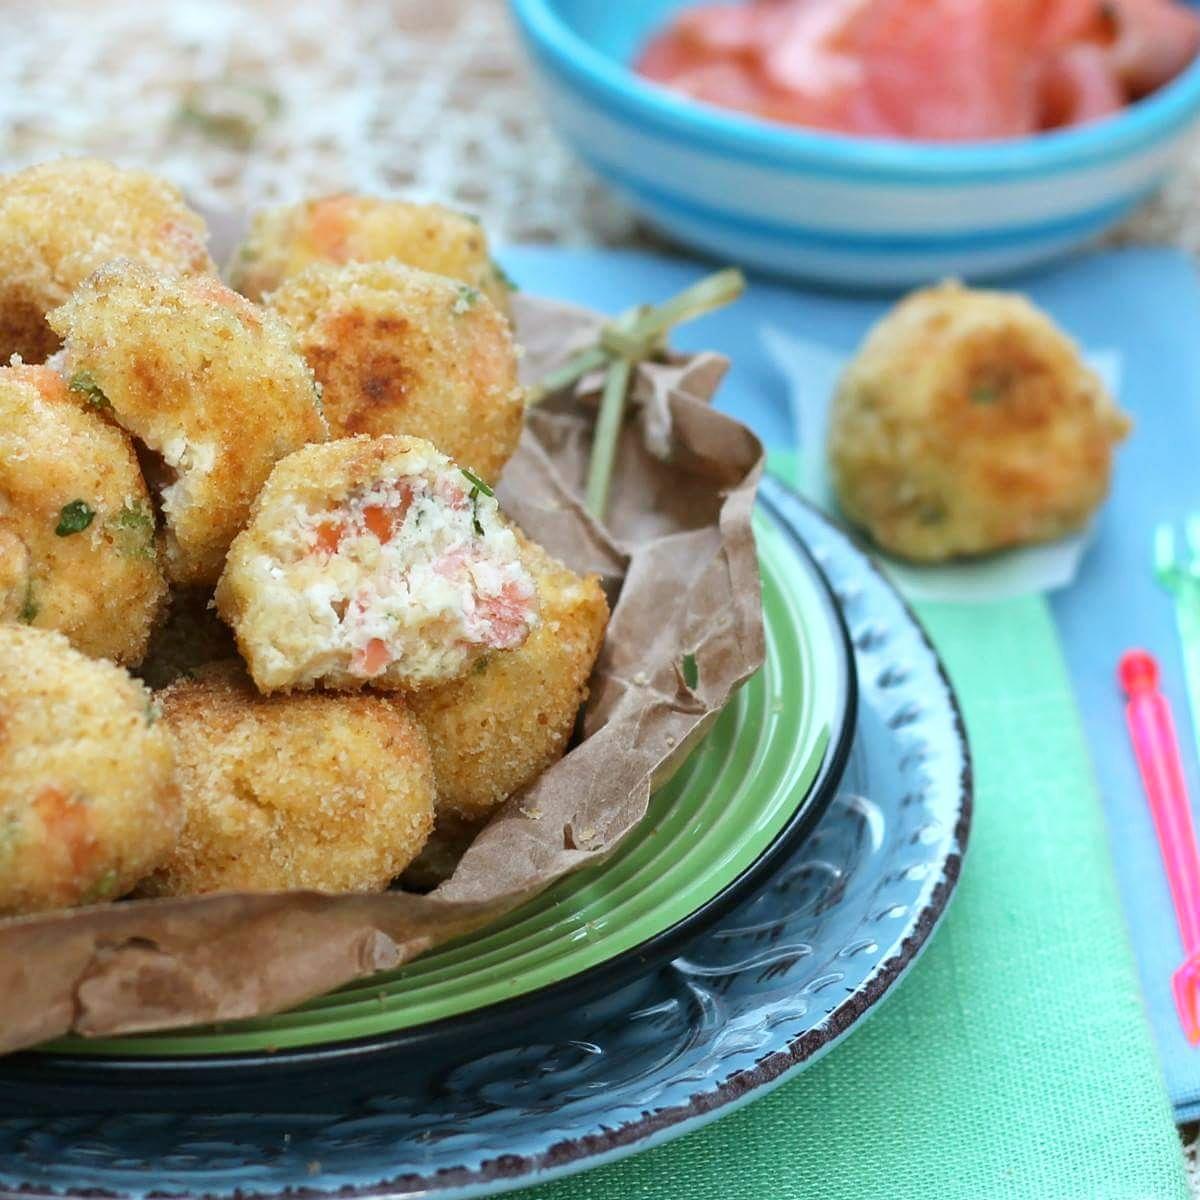 POLPETTE DI SALMONE | polpette con pesce ricetta veloce